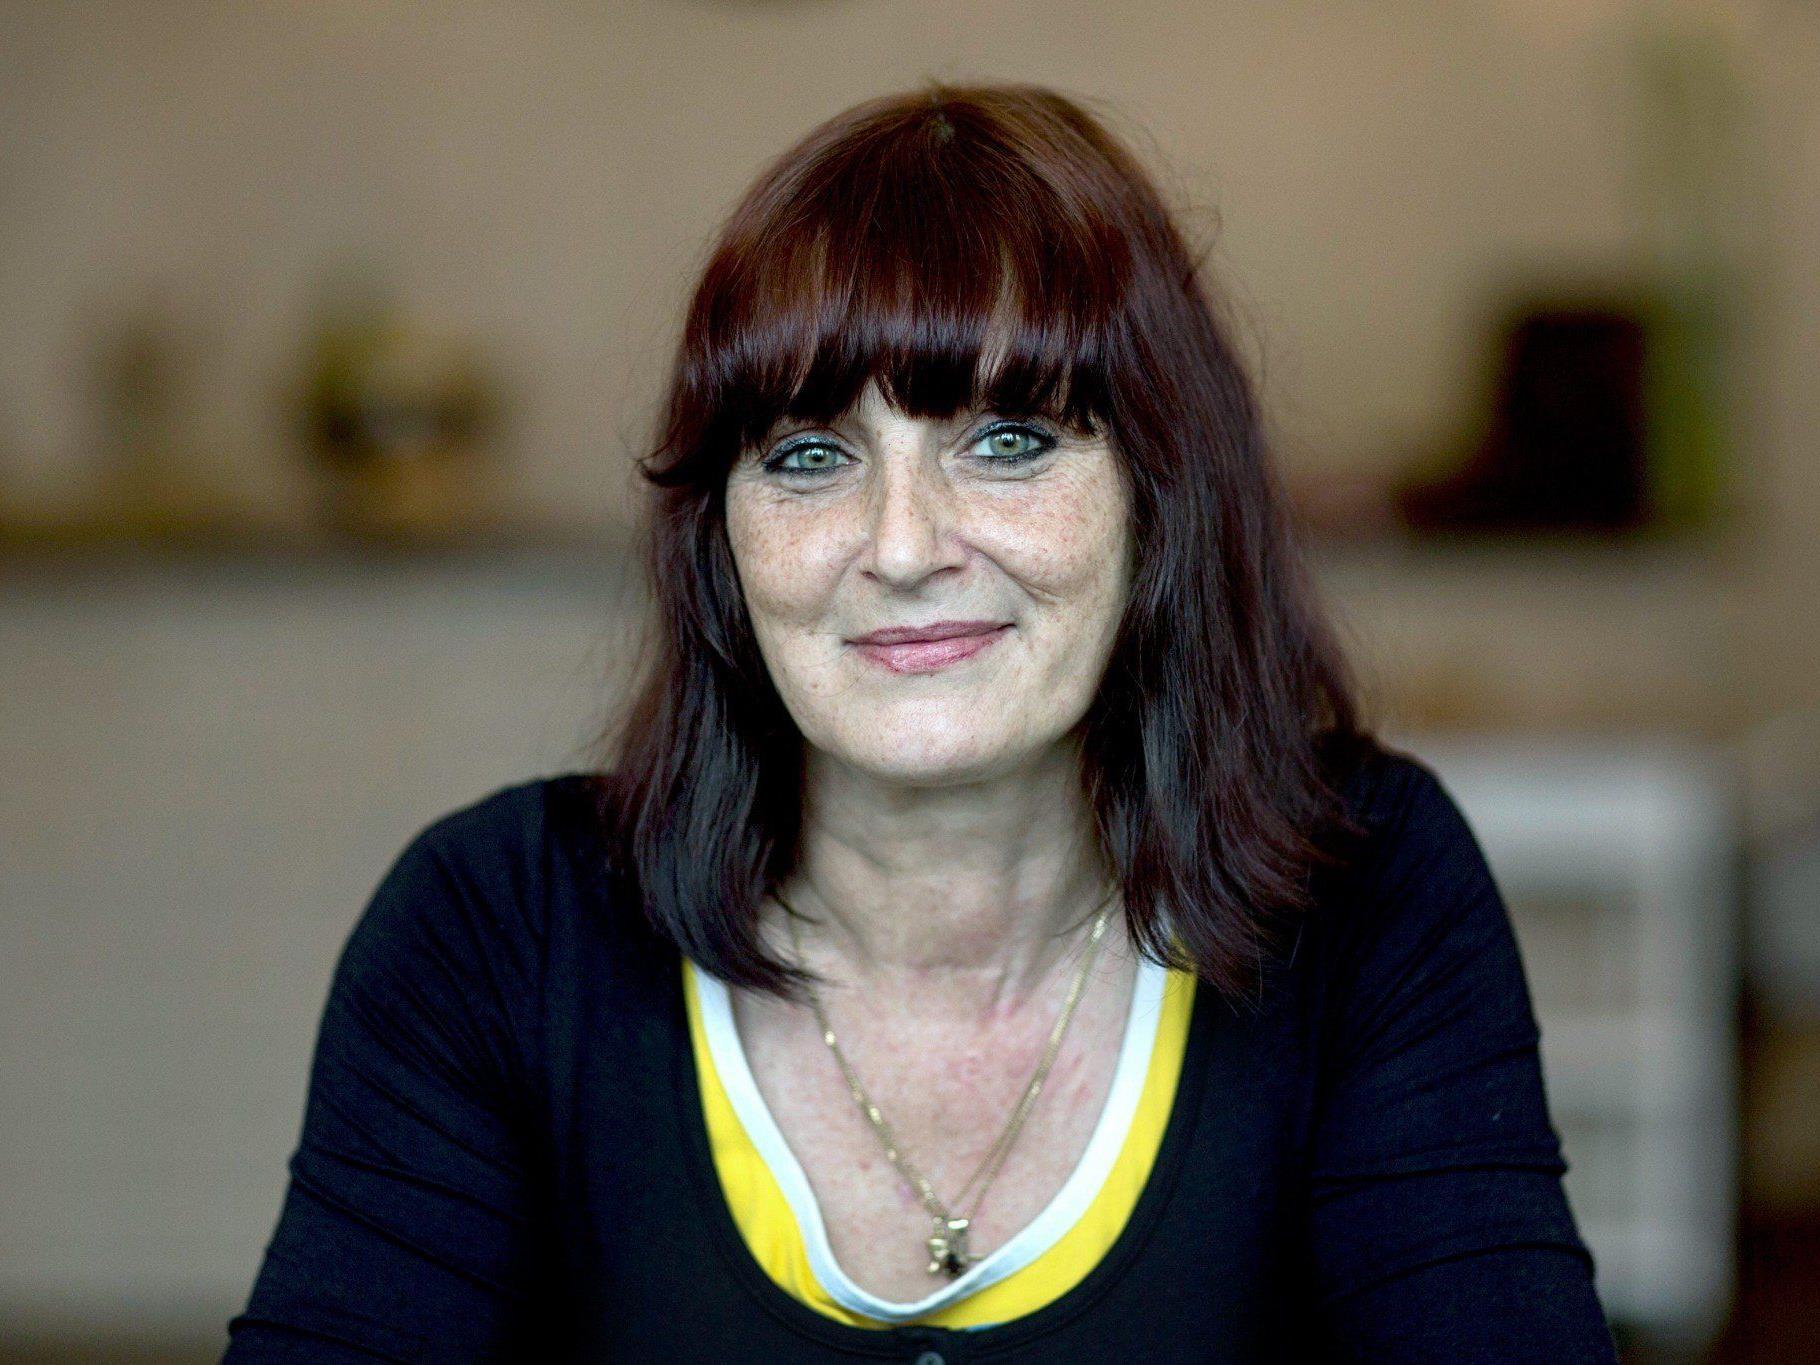 """Christiane F., Autorin von """"Wir Kinder vom Bahnhofszoo"""" und """"Mein zweites Leben"""" zieht sich wieder aus der Öffentlichkeit zurück."""